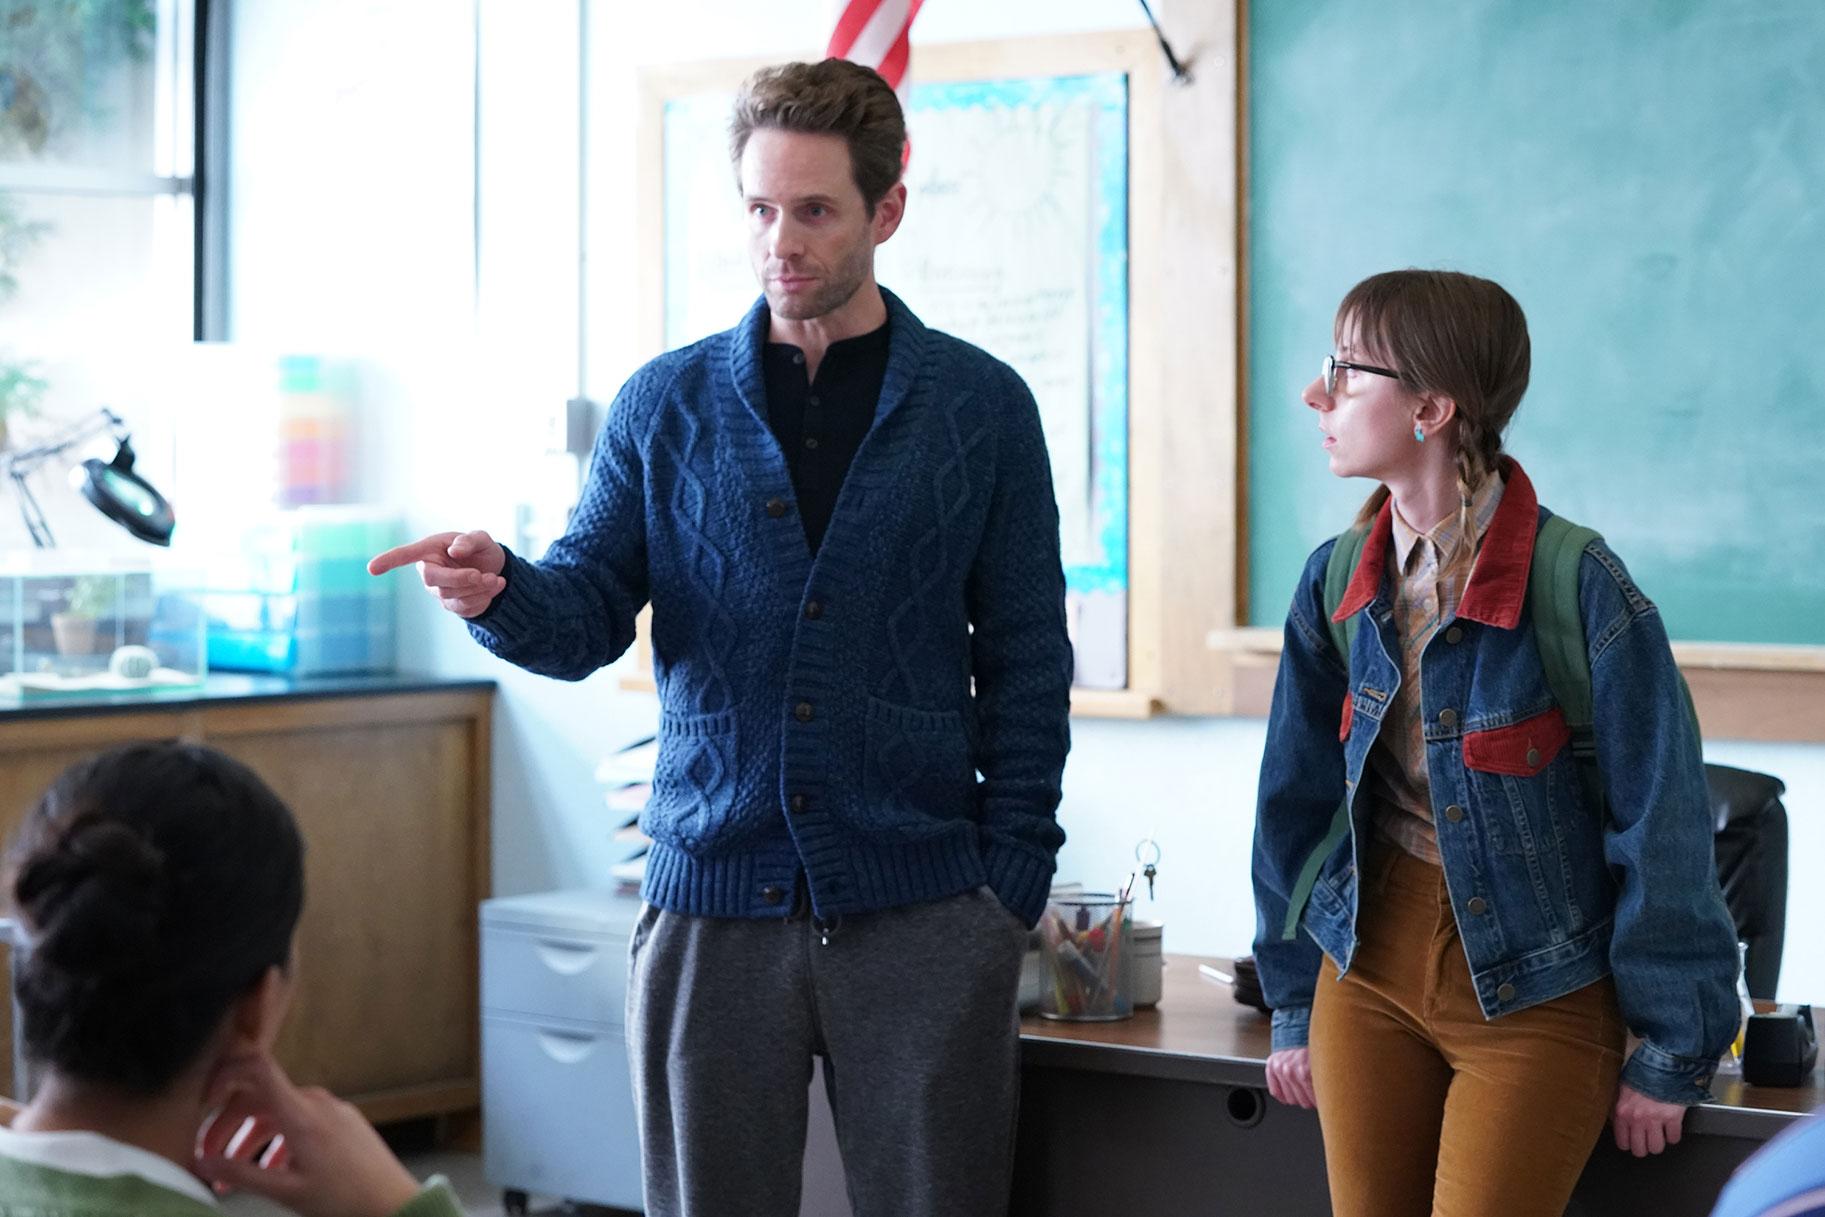 Tunggu, Kit 'If I Go Missing' Dari 'A.P. Bio 'On Meracock Adakah Perkara yang Disarankan oleh Penguatkuasaan Undang-Undang yang Sebenar?